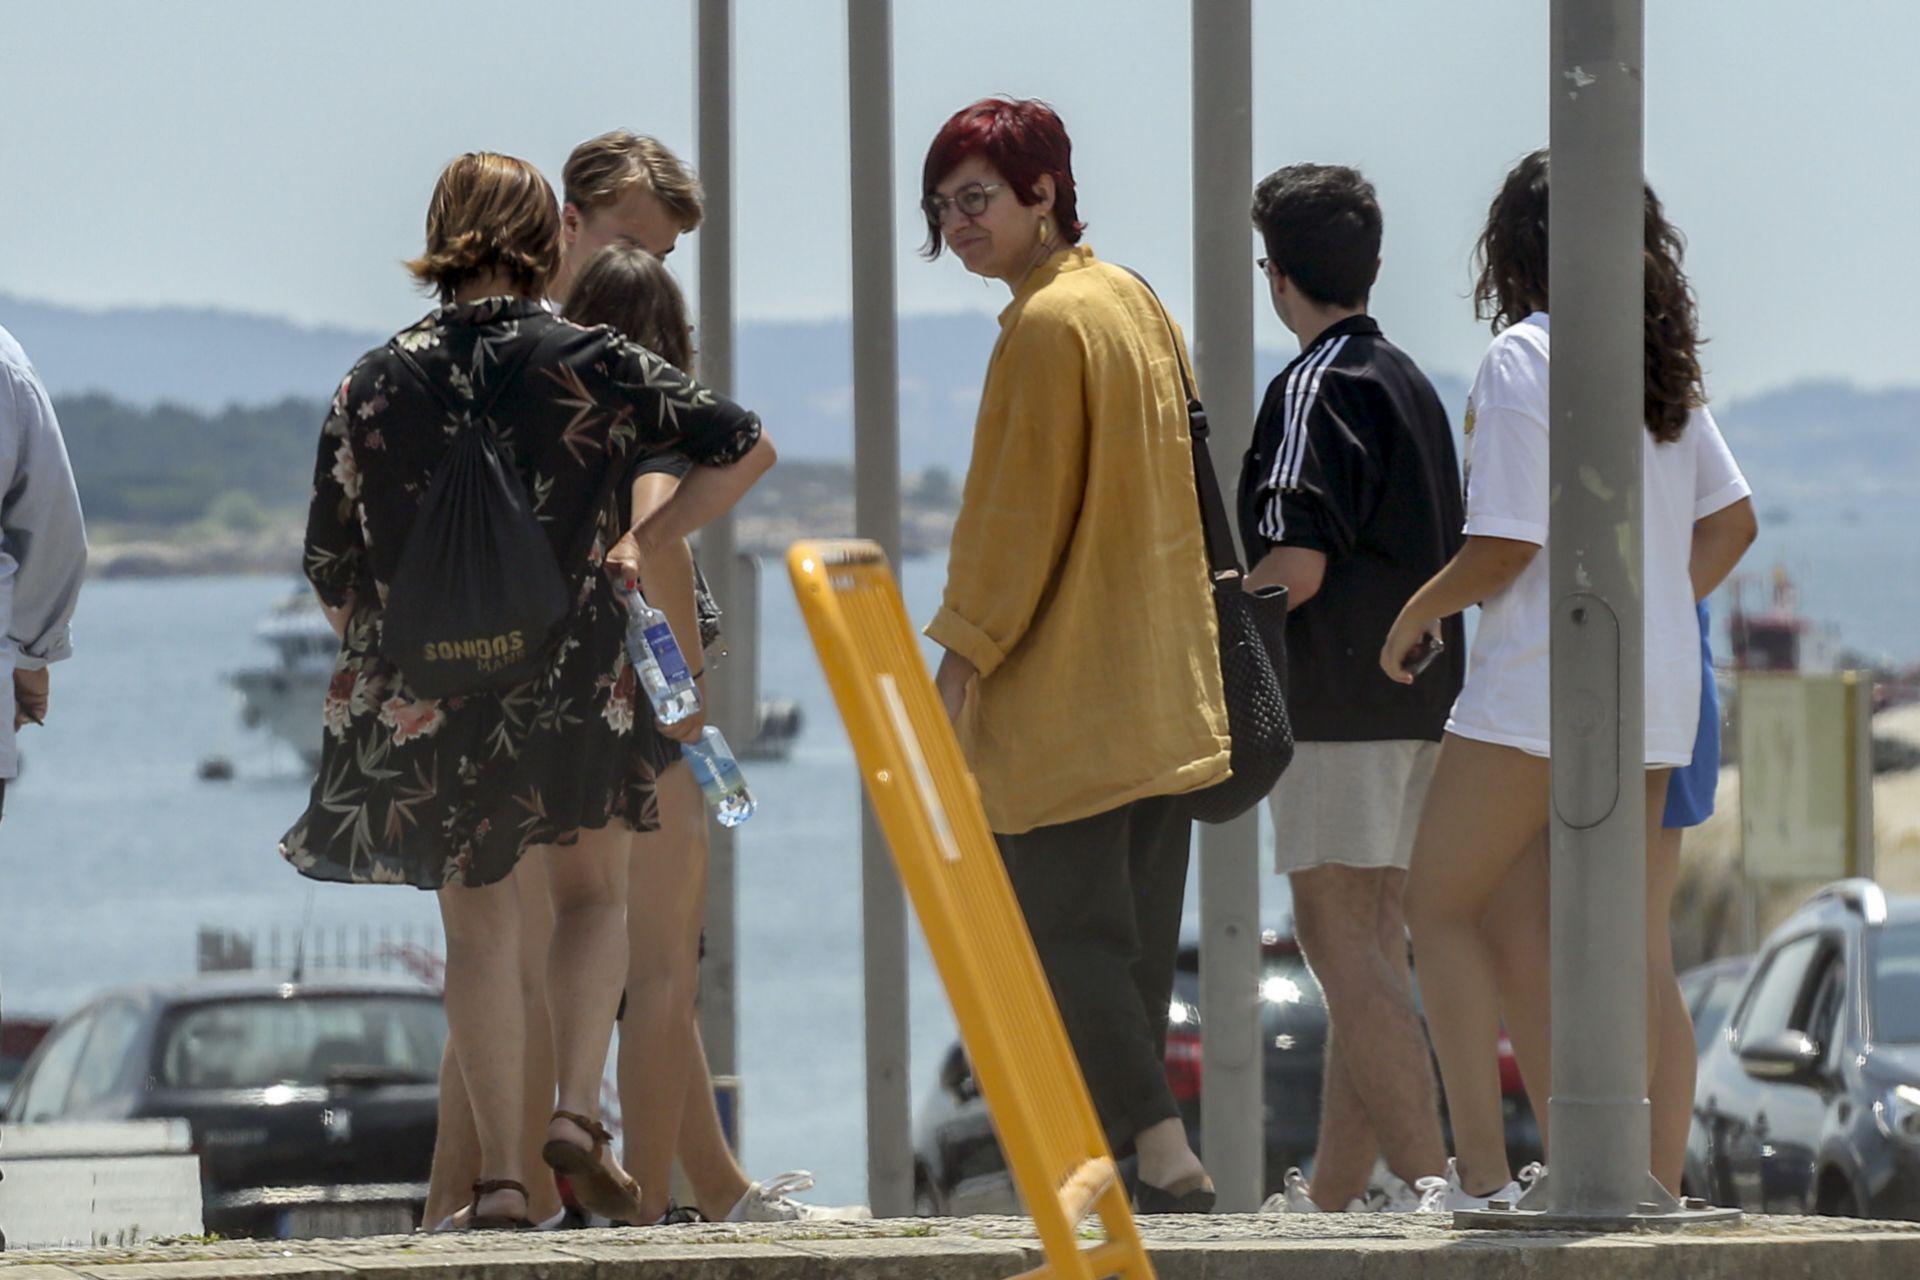 Sandra Ortega (con chaqueta amarilla) con unos amigos en Pontevedra.